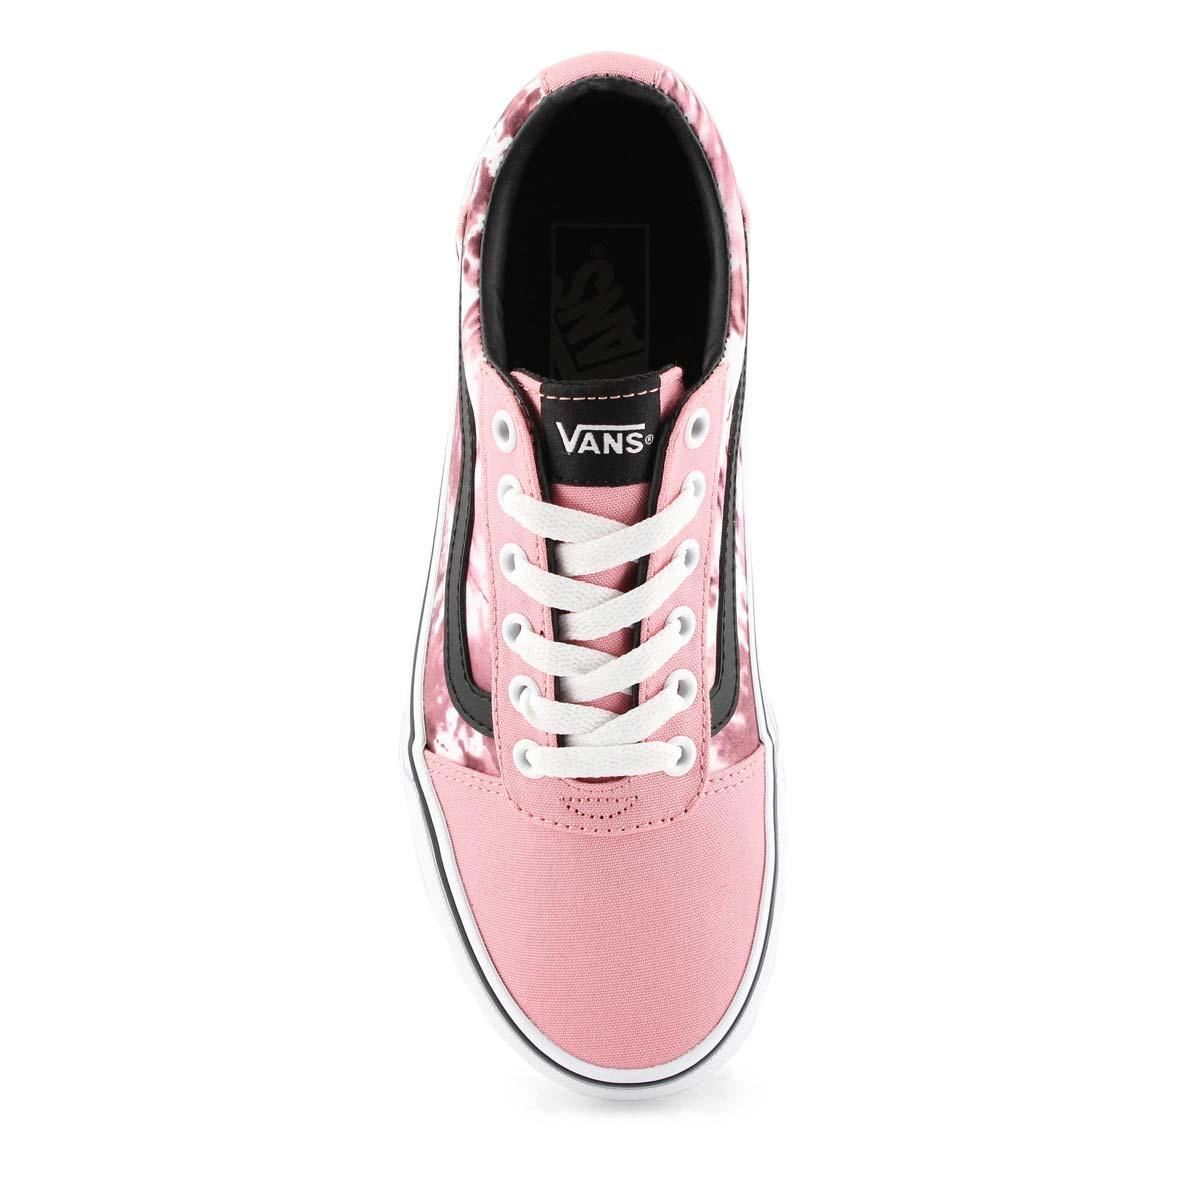 Women's Ward Sneaker - Tie Dye Pink/White